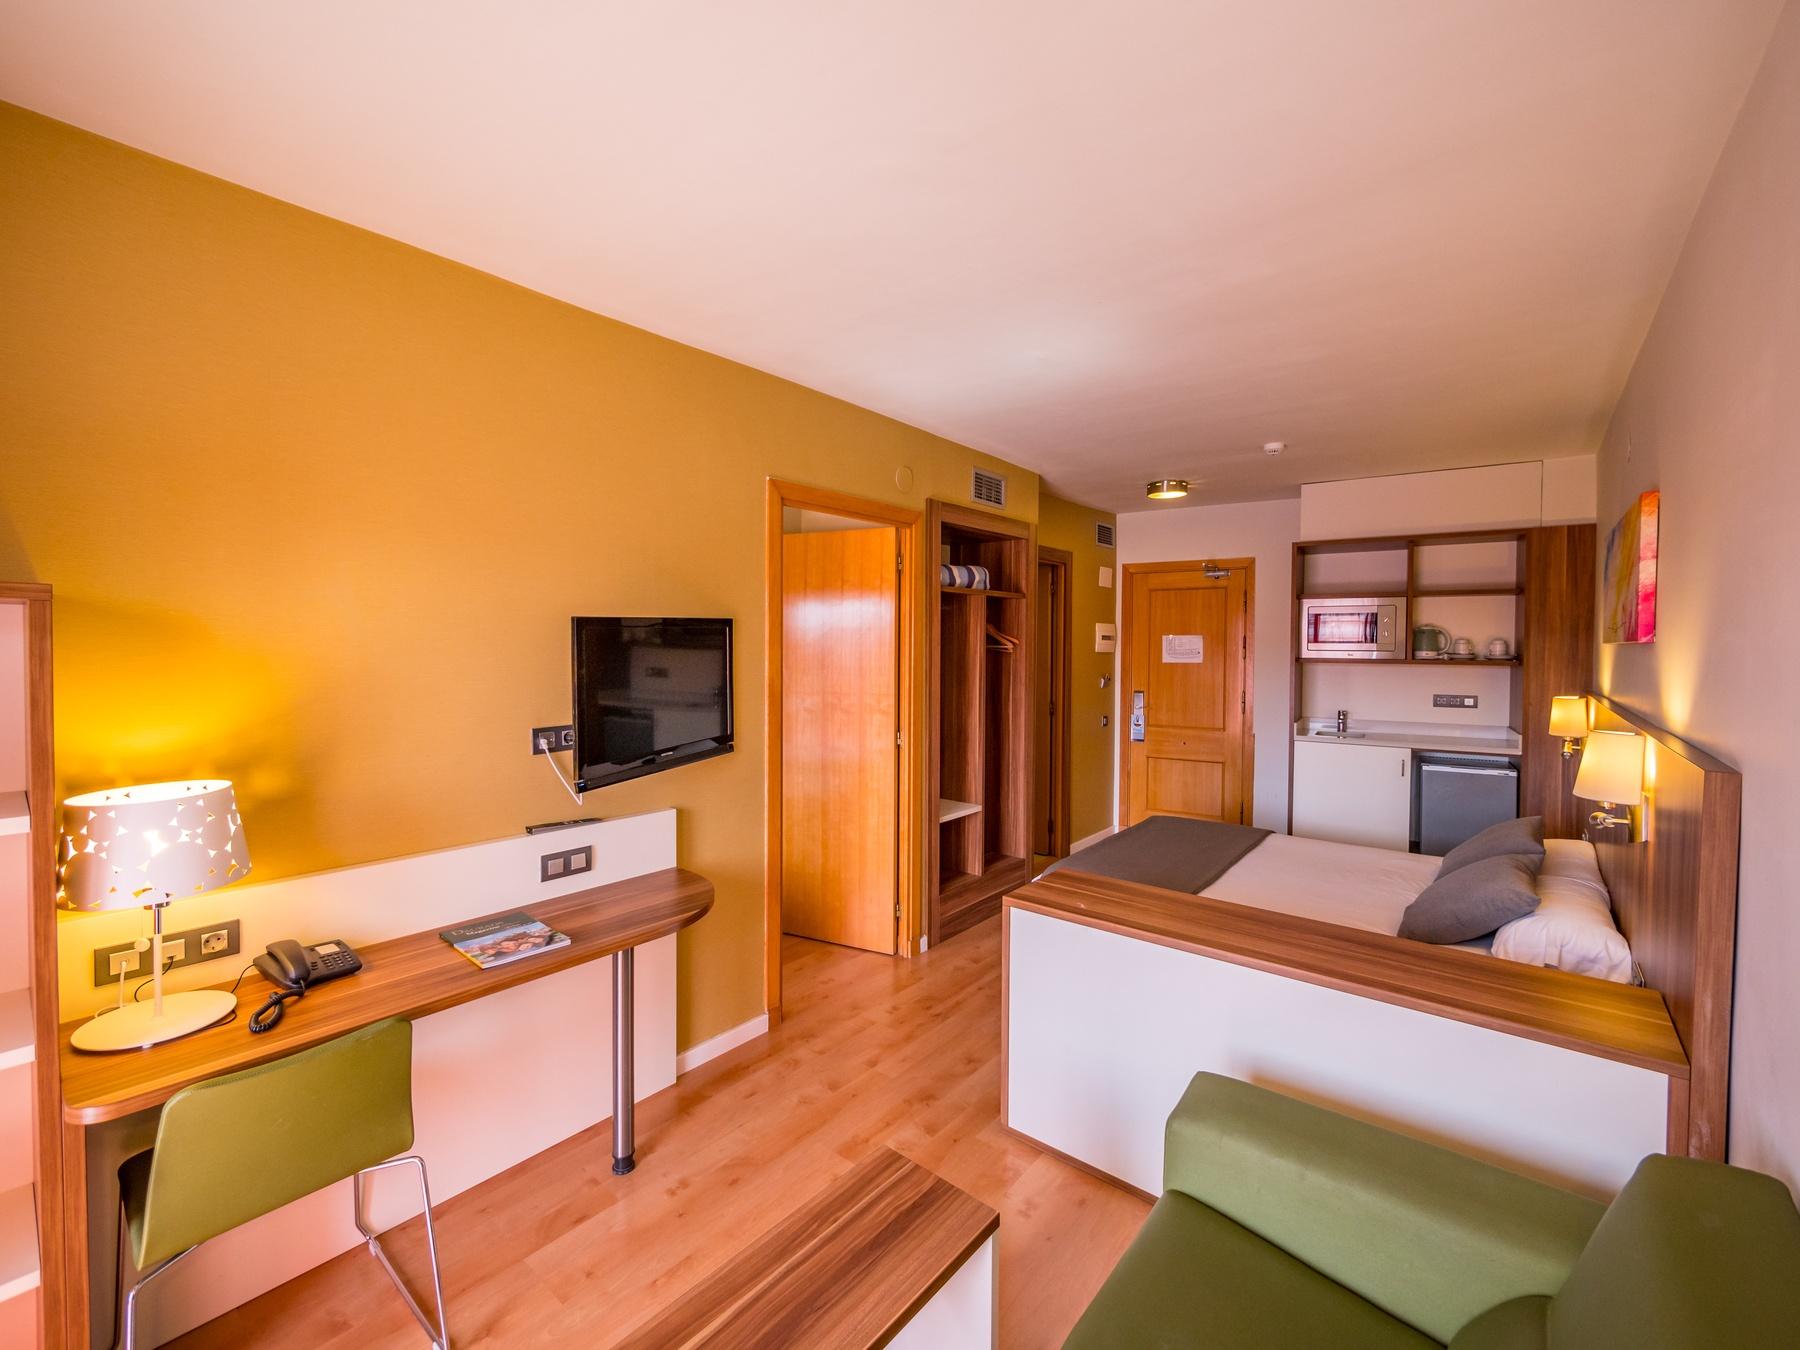 hotel Suites habitaciones familiares Salou Costa Dorada